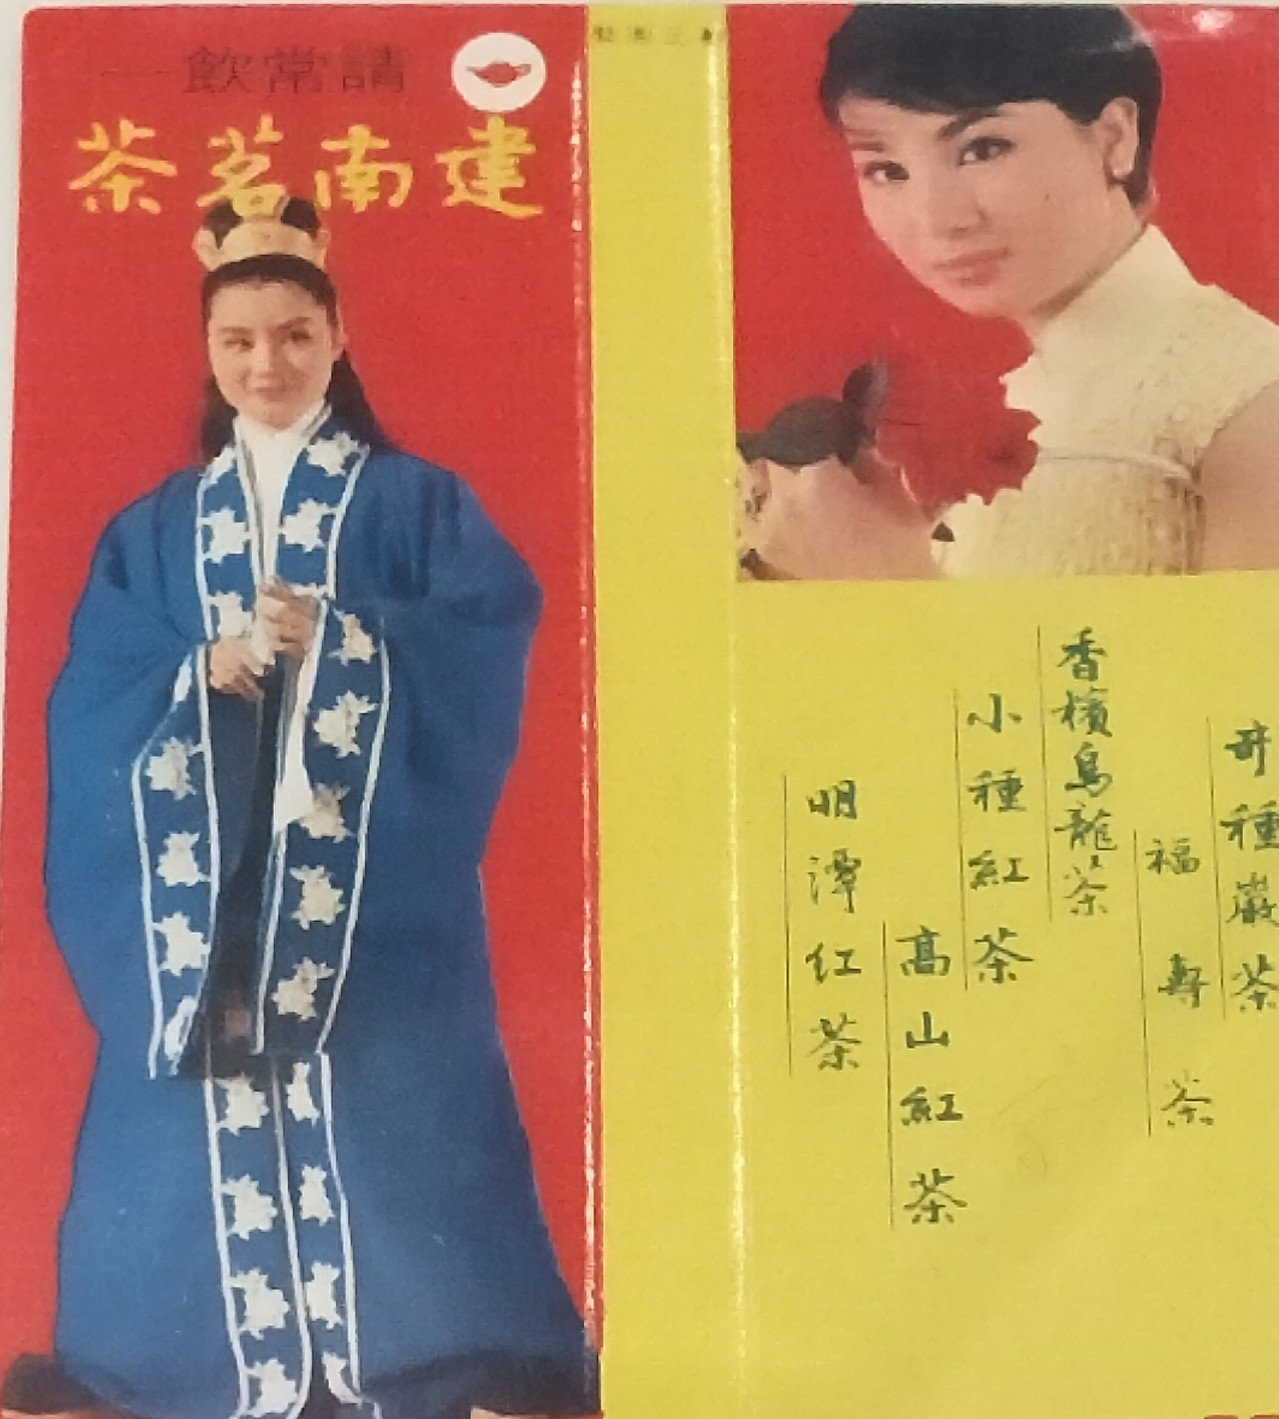 早年楊麗花為茗茶代言的火柴盒廣告。記者游明煌/攝影